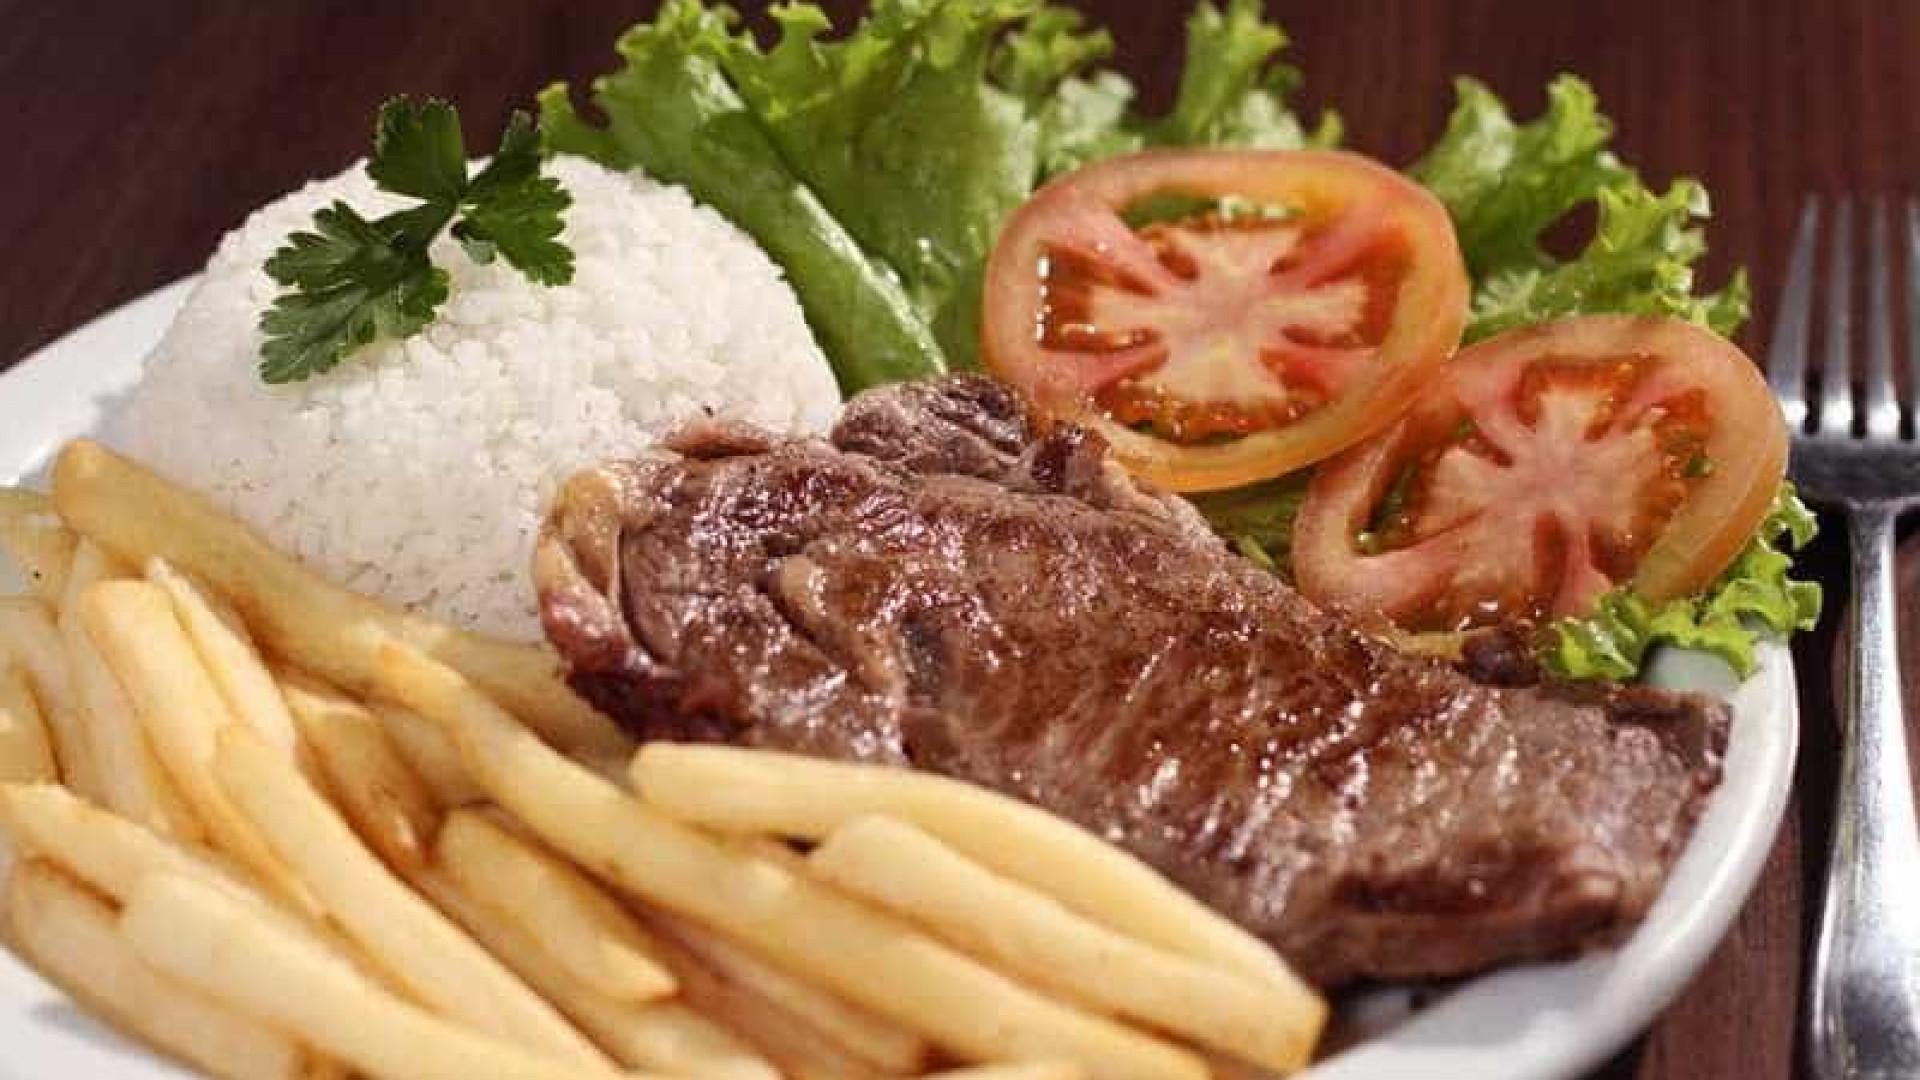 Ministra manda refazer nota que criticava guia alimentar